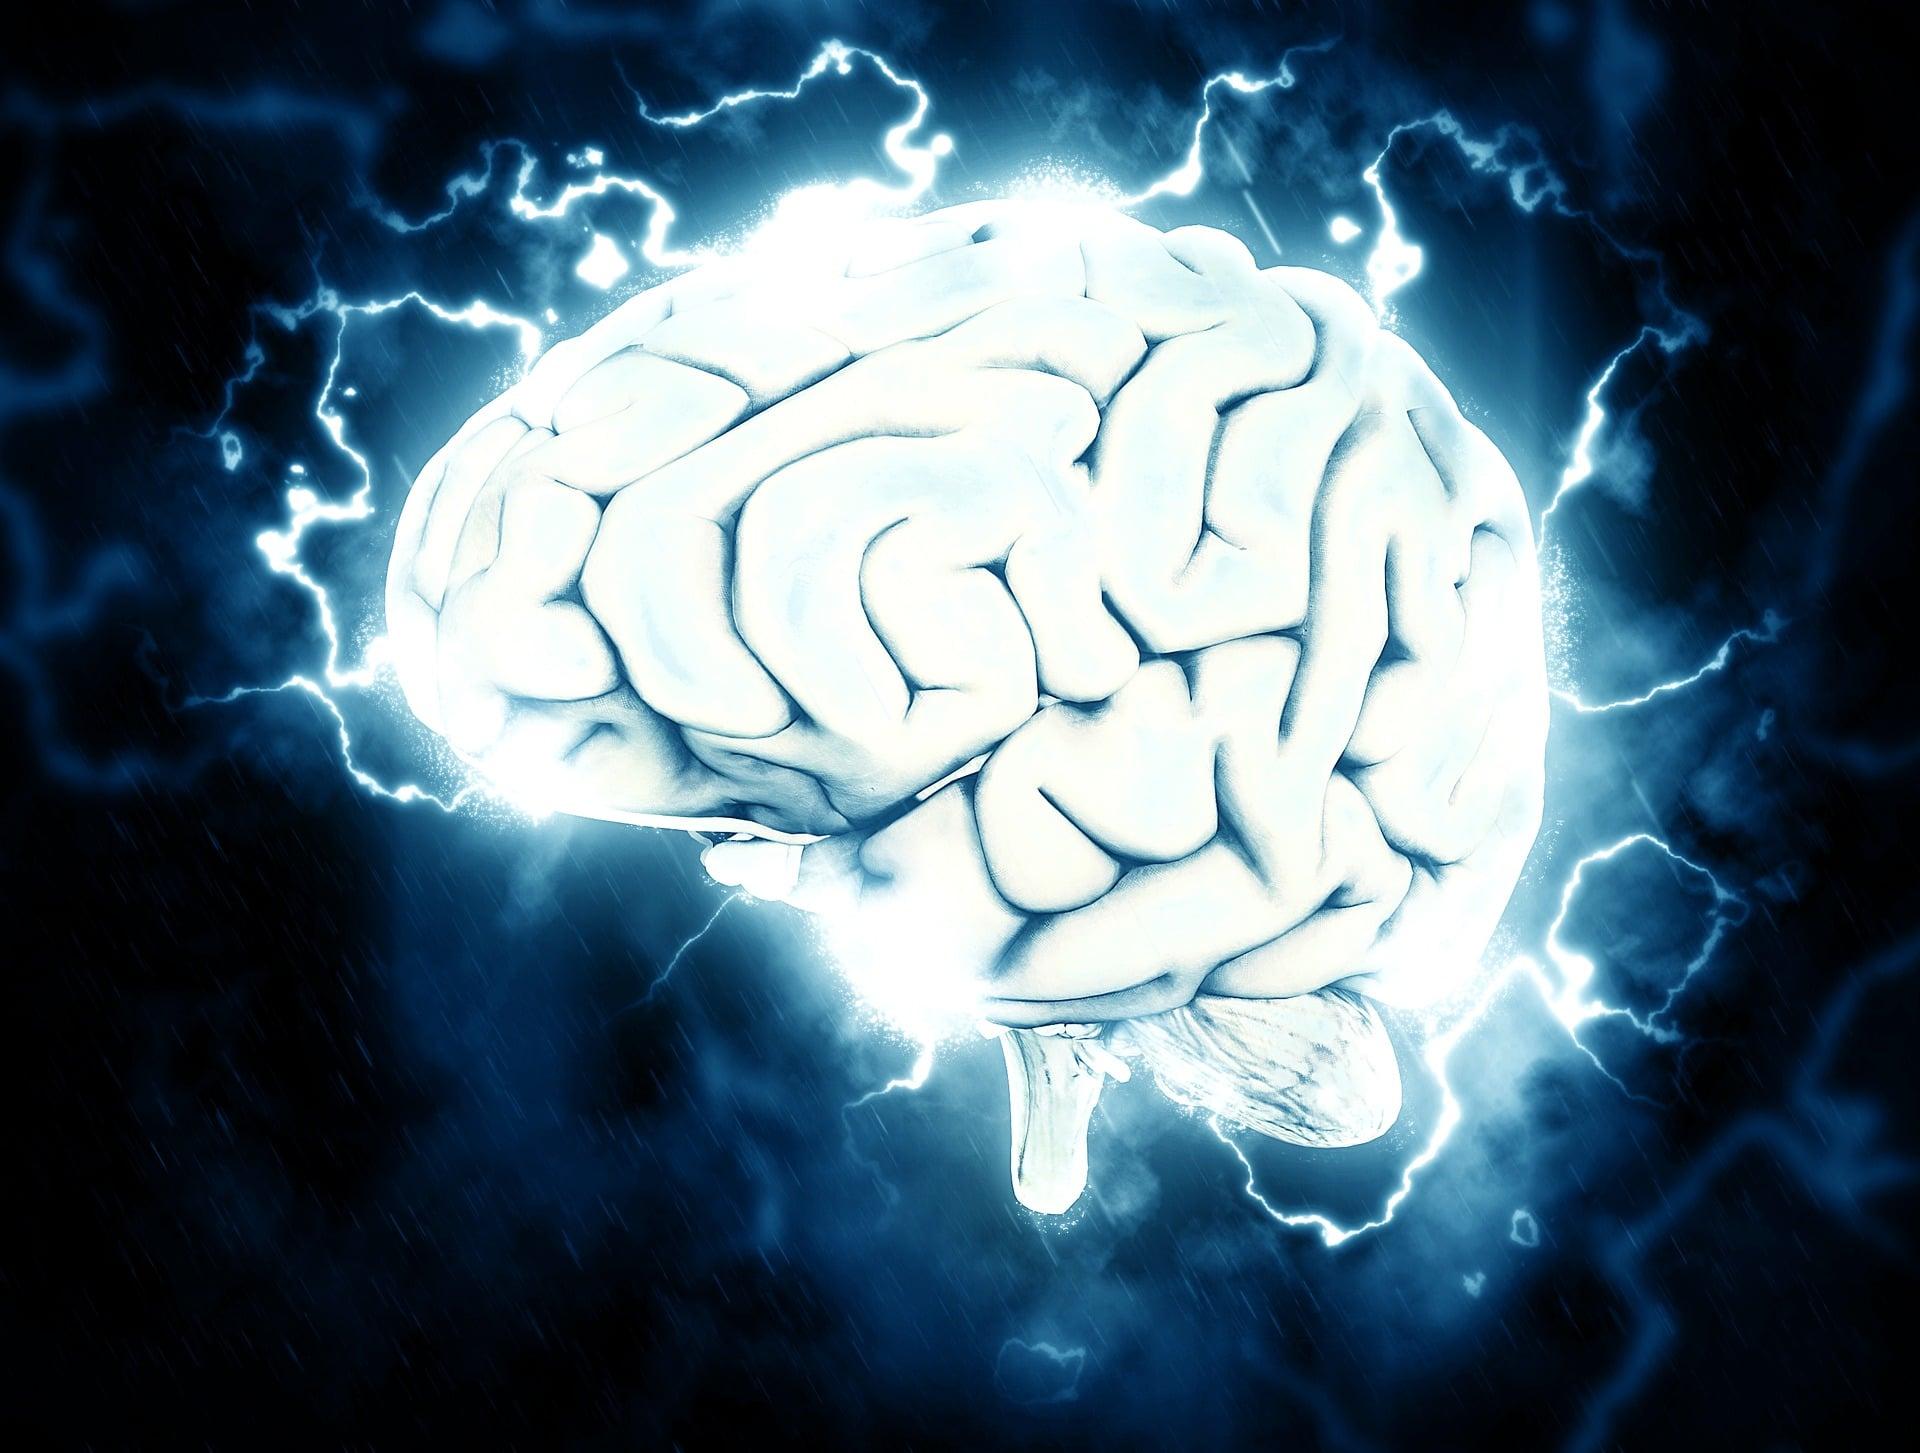 La mémoire de notre cerveau, pourquoi est-ce une énigme scientifique ?